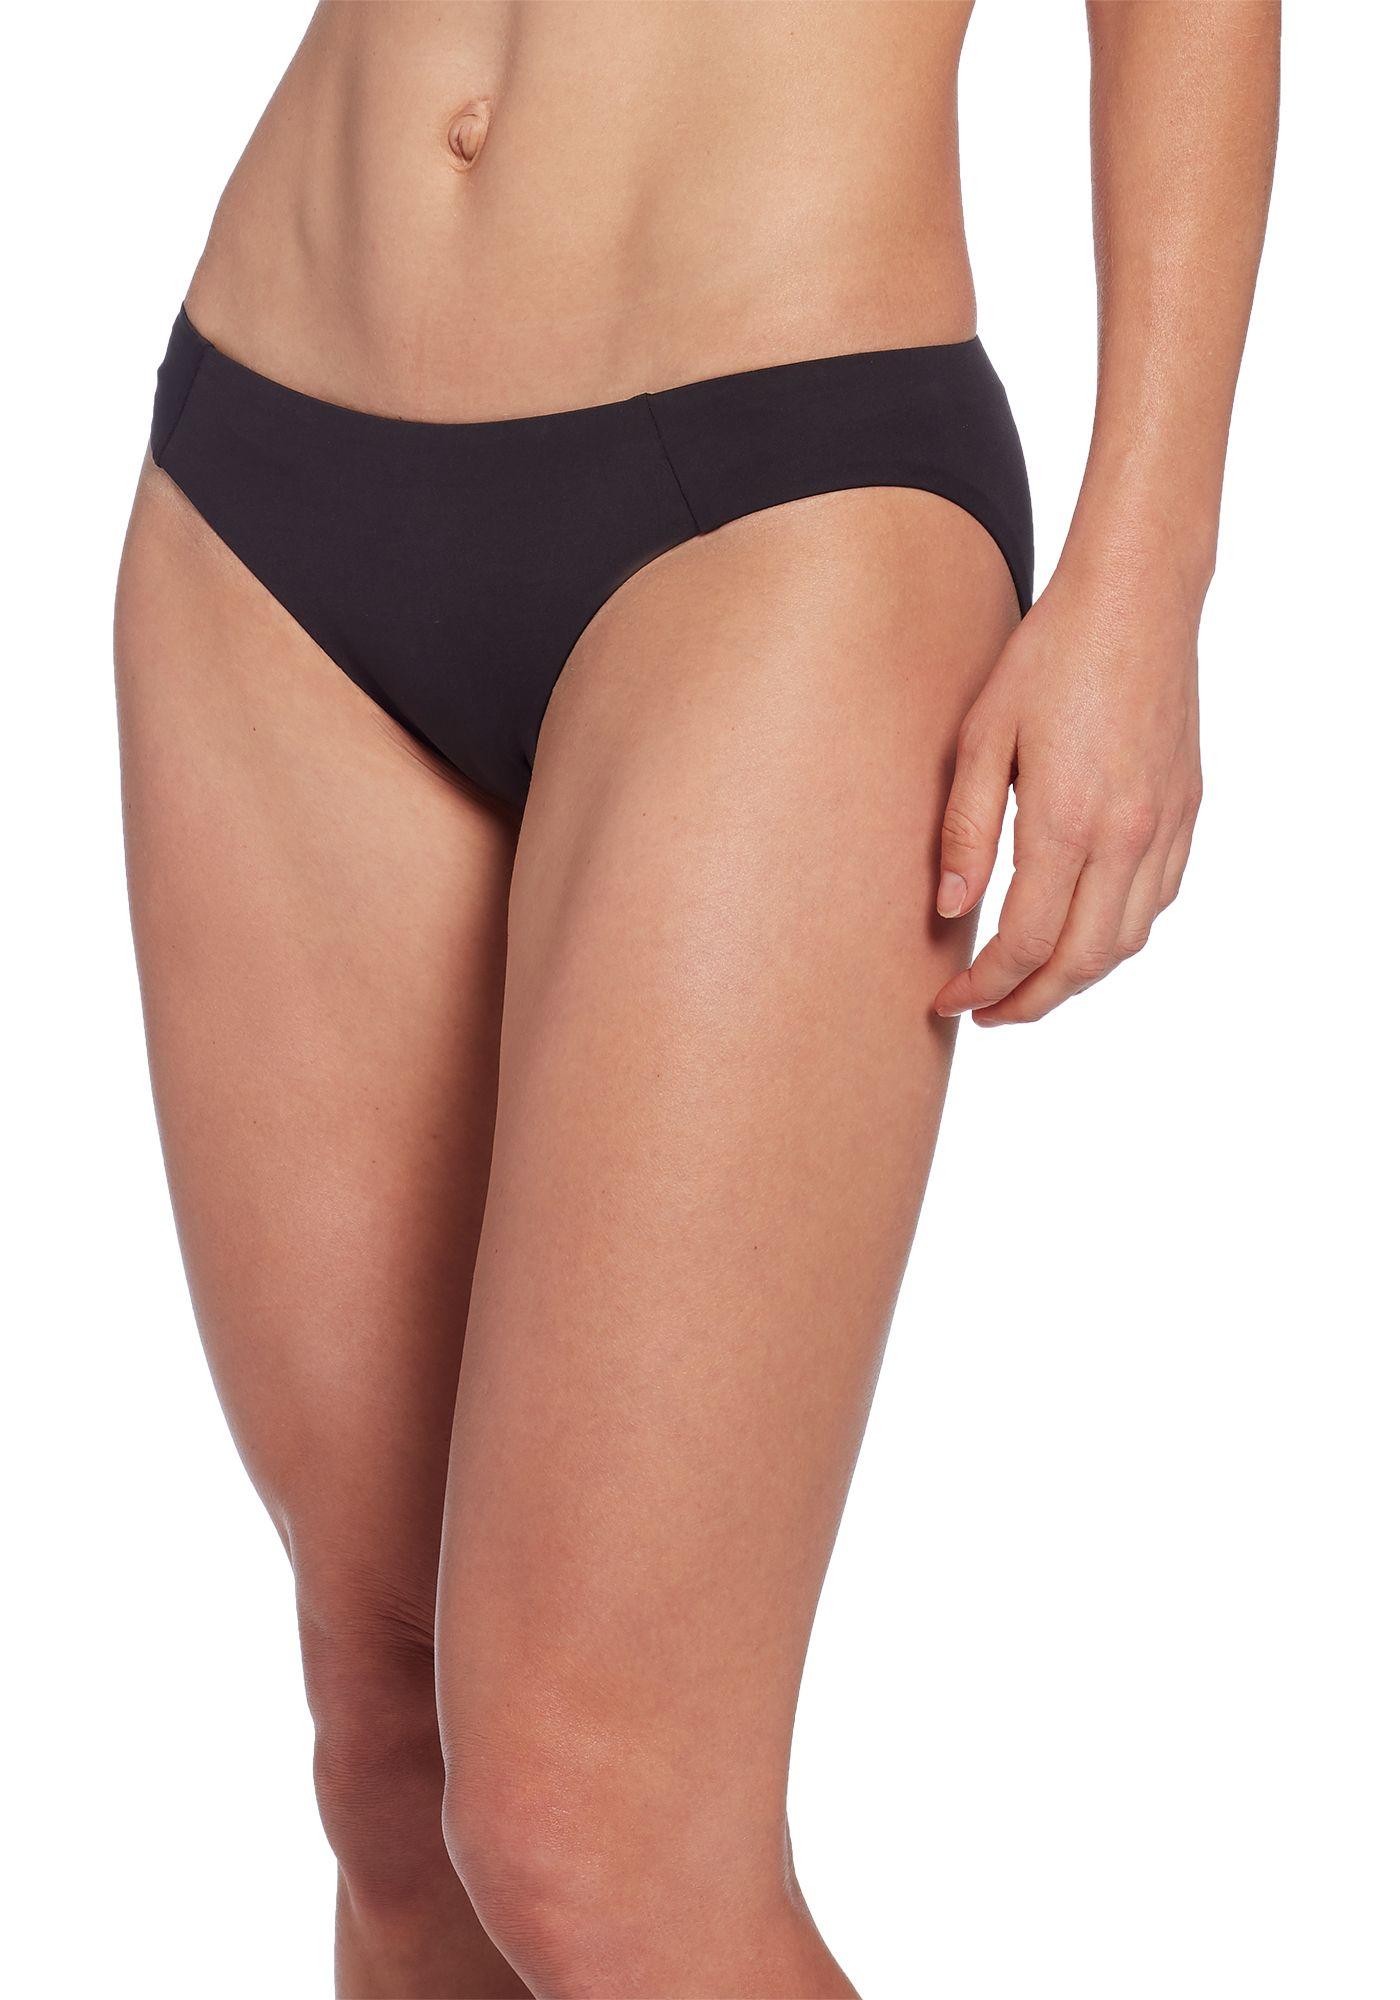 Patagonia Women's Sunamee Bikini Bottoms